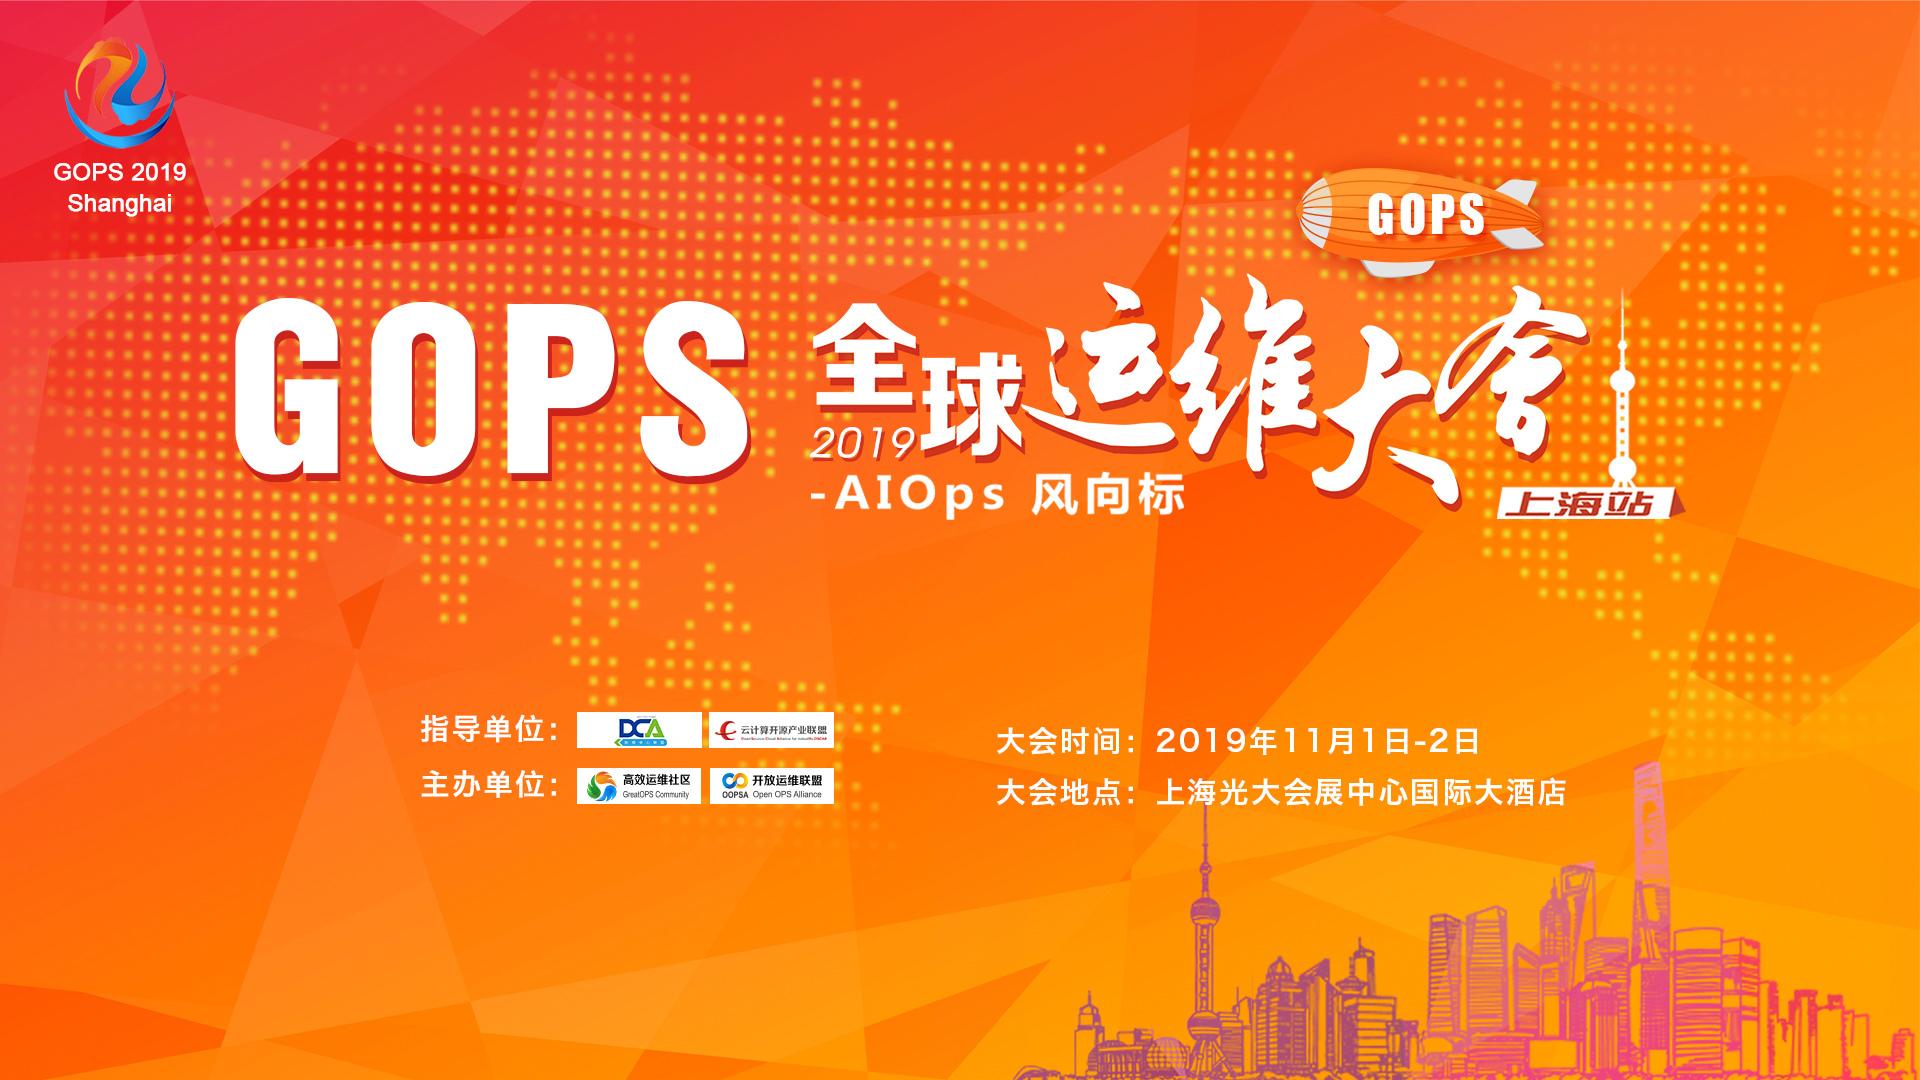 GOPS 全球运维大会2019·上海站